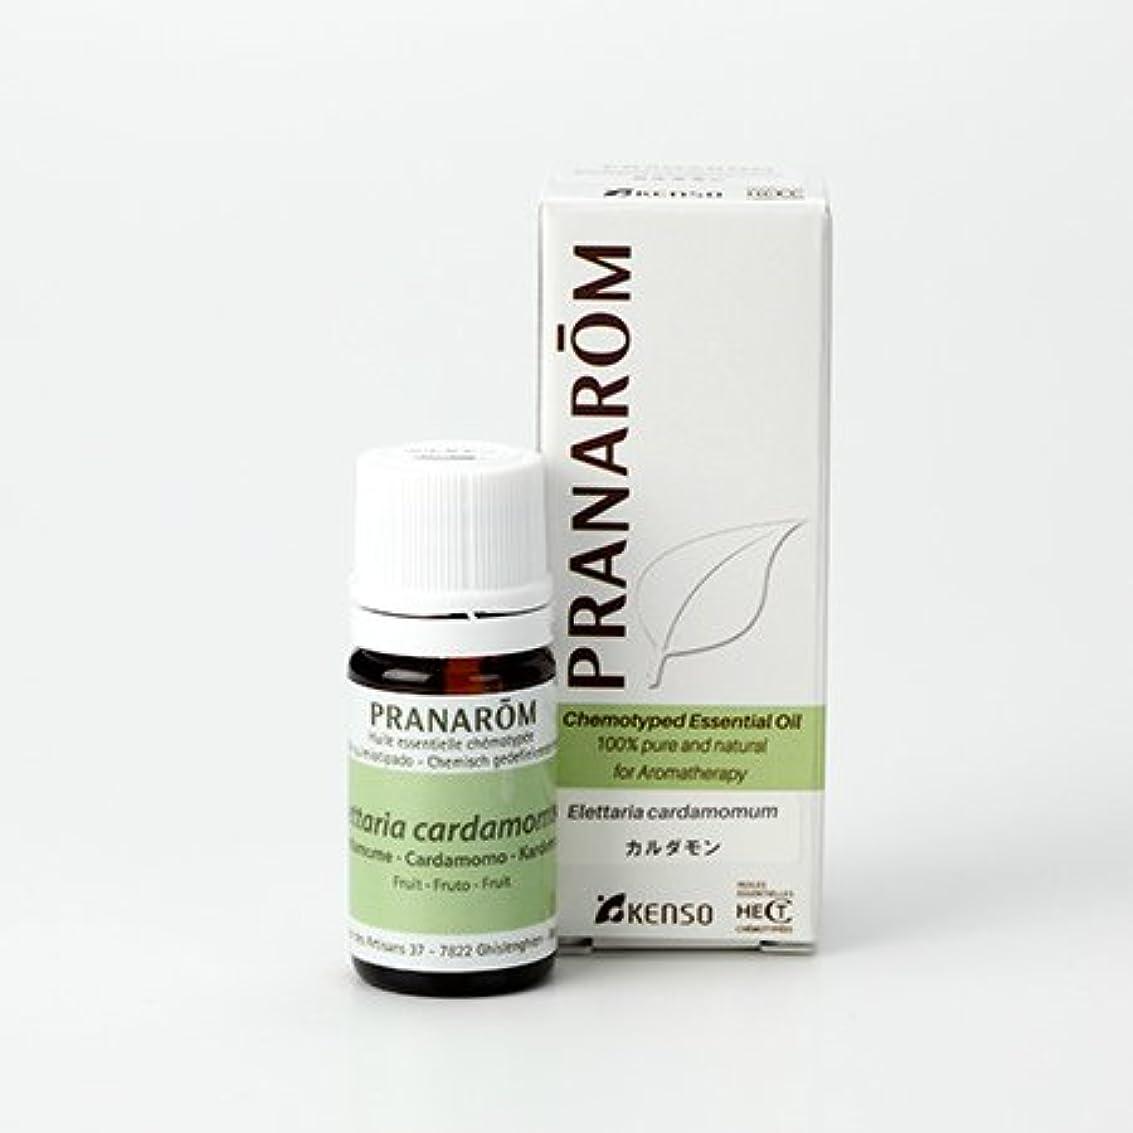 閉塞パドルレビュアープラナロム カルダモン 5ml (PRANAROM ケモタイプ精油)